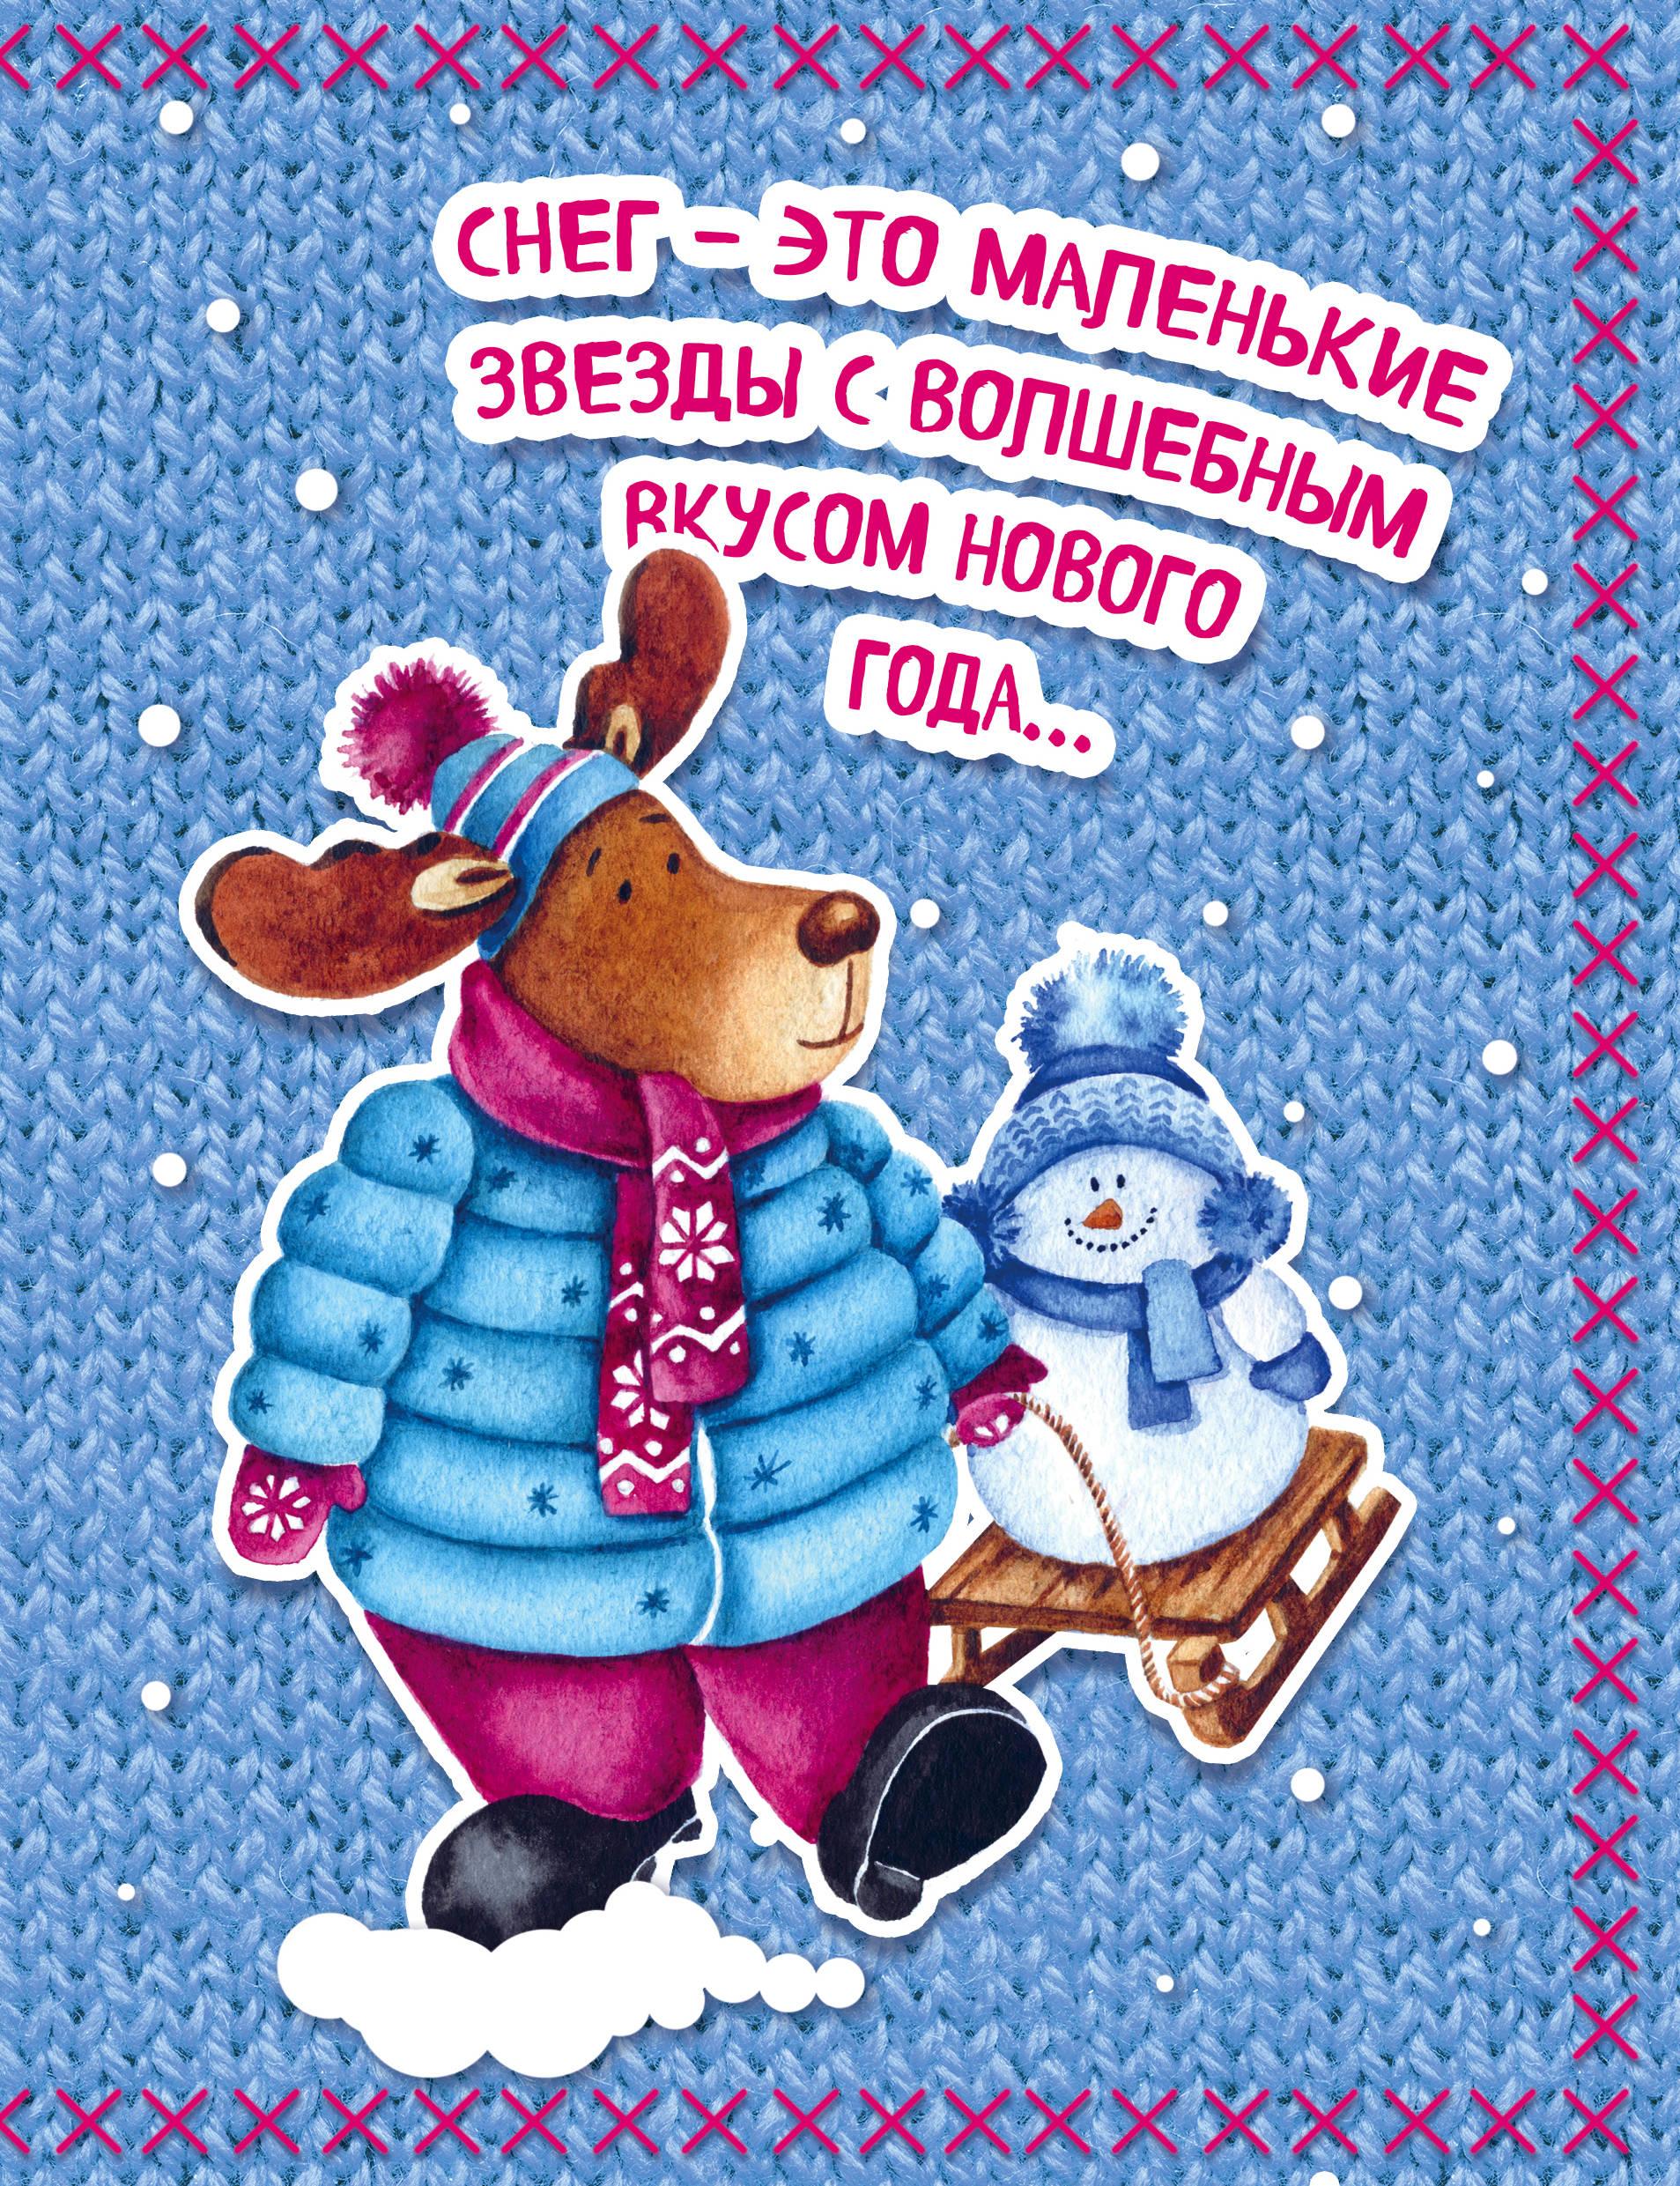 Выпивкой, открытка одевайся теплее на улице мороз